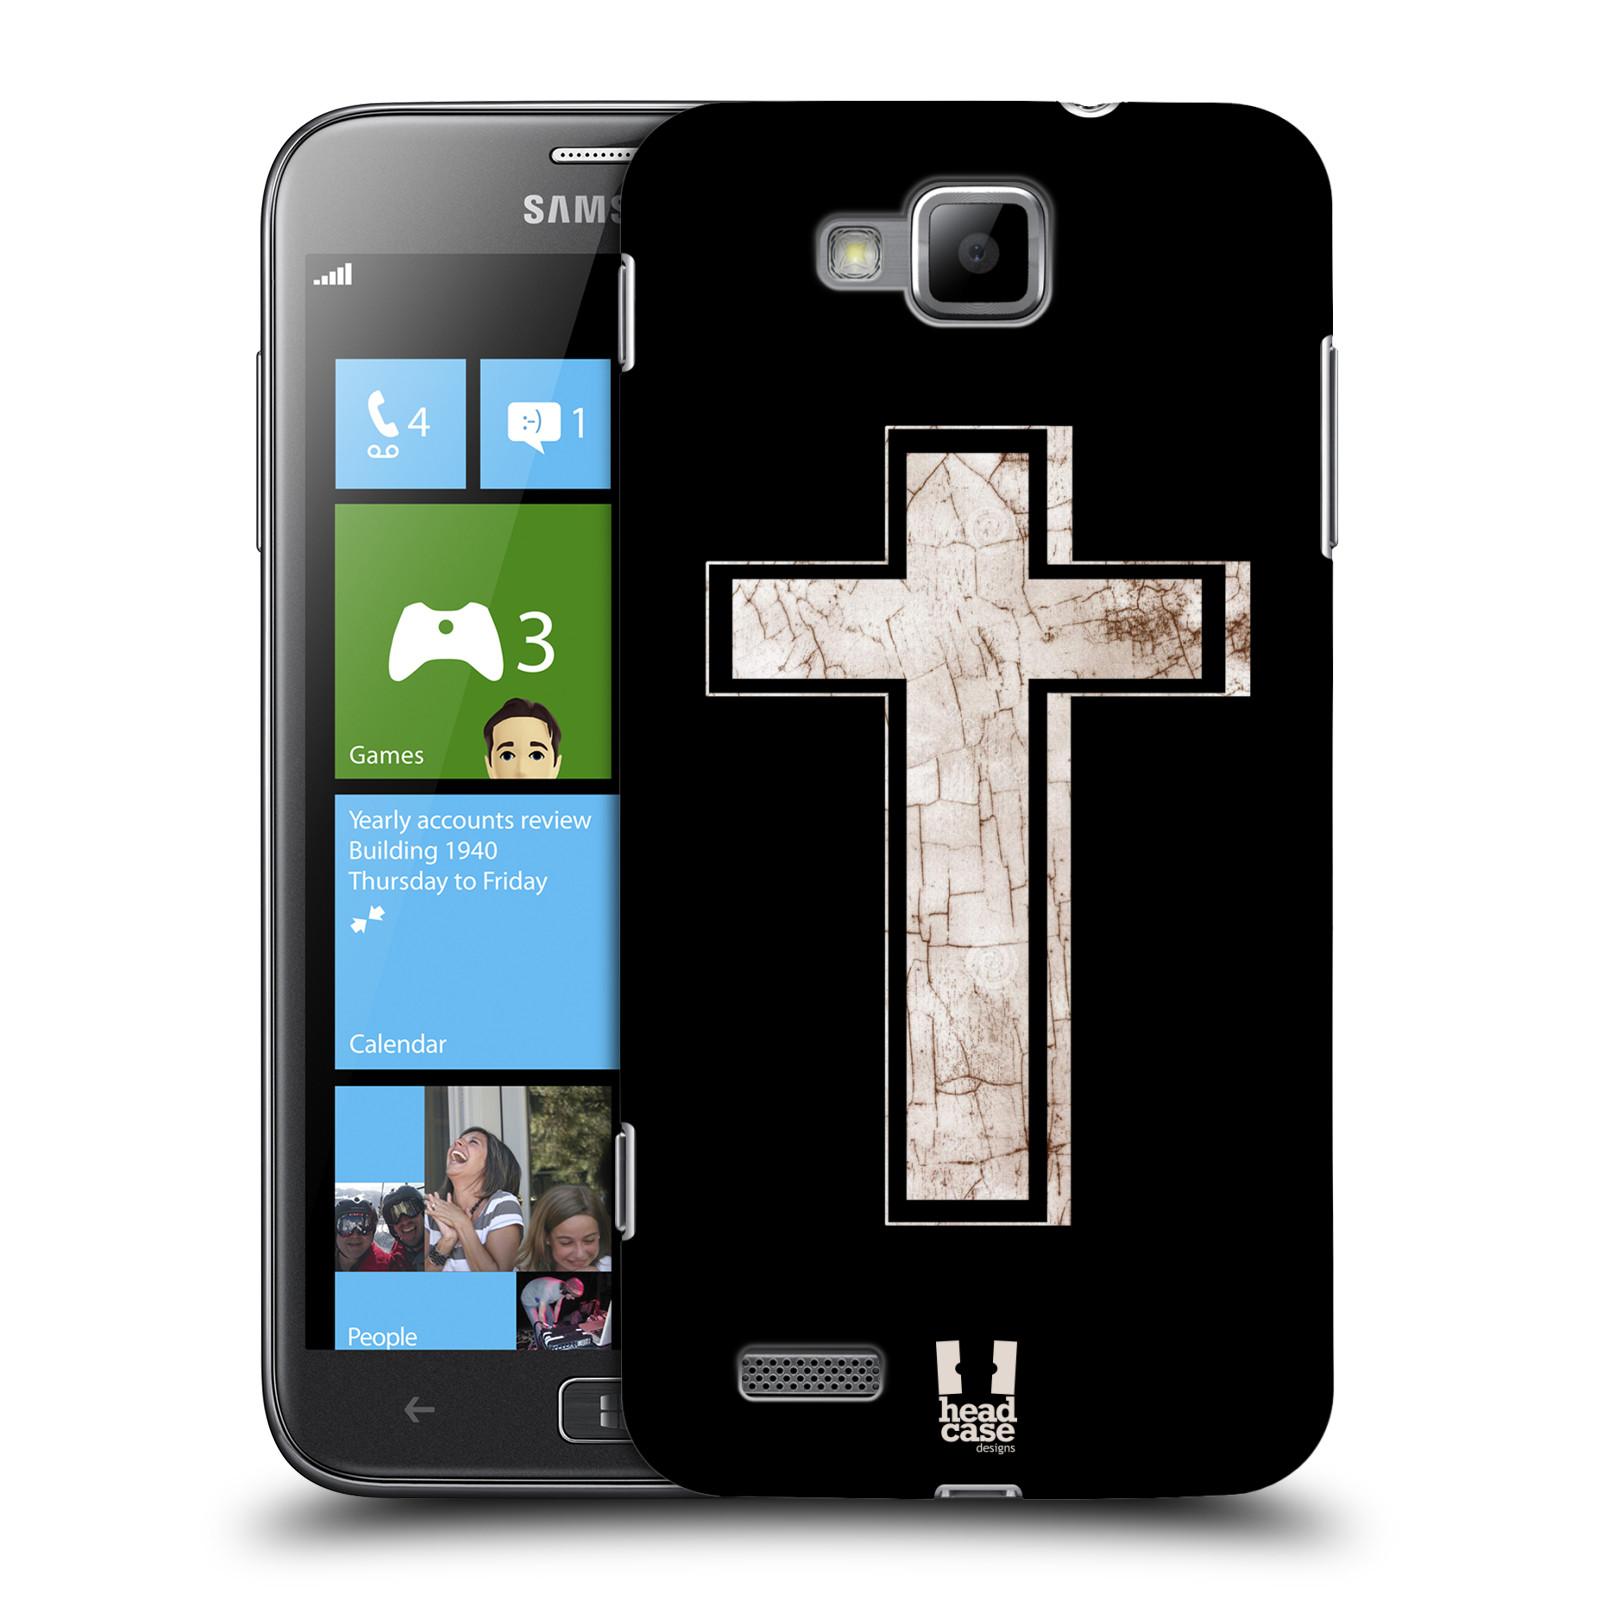 HEAD CASE plastový obal na mobil Samsung ATIV S vzor Kříž Cross PORCELÁN TEXTURA černá a bílá